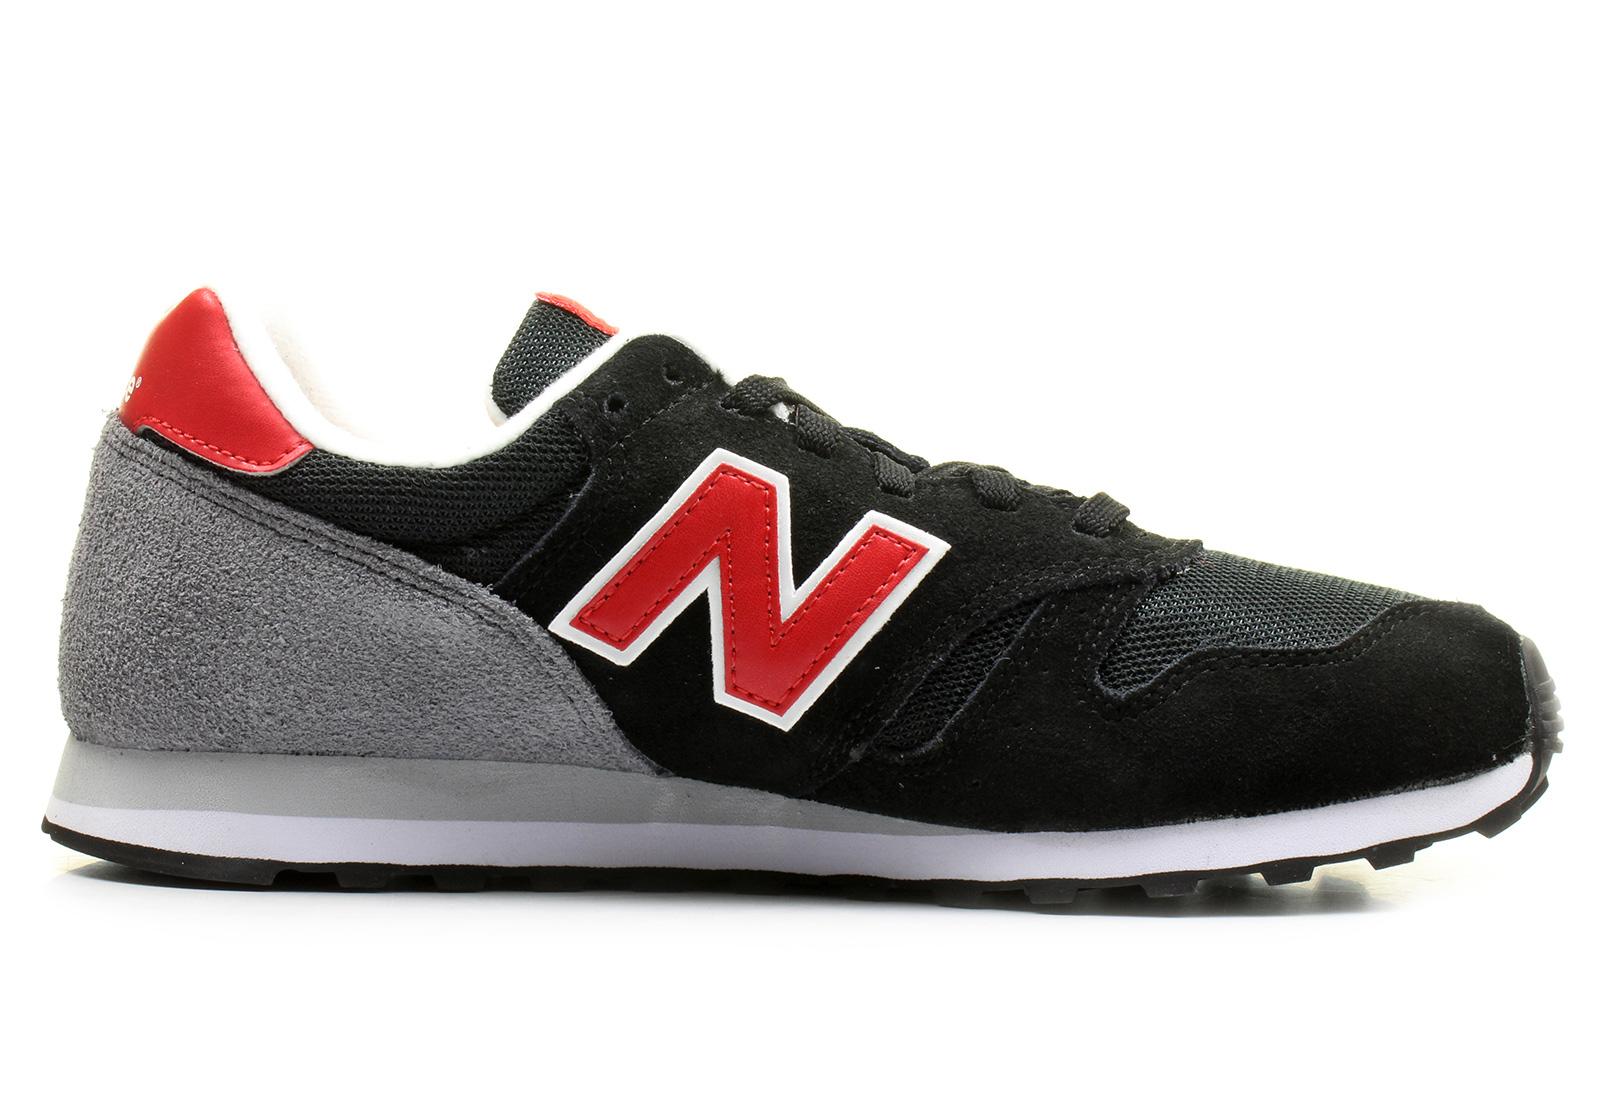 new balance shoes ml373 ml373blr online shop for. Black Bedroom Furniture Sets. Home Design Ideas